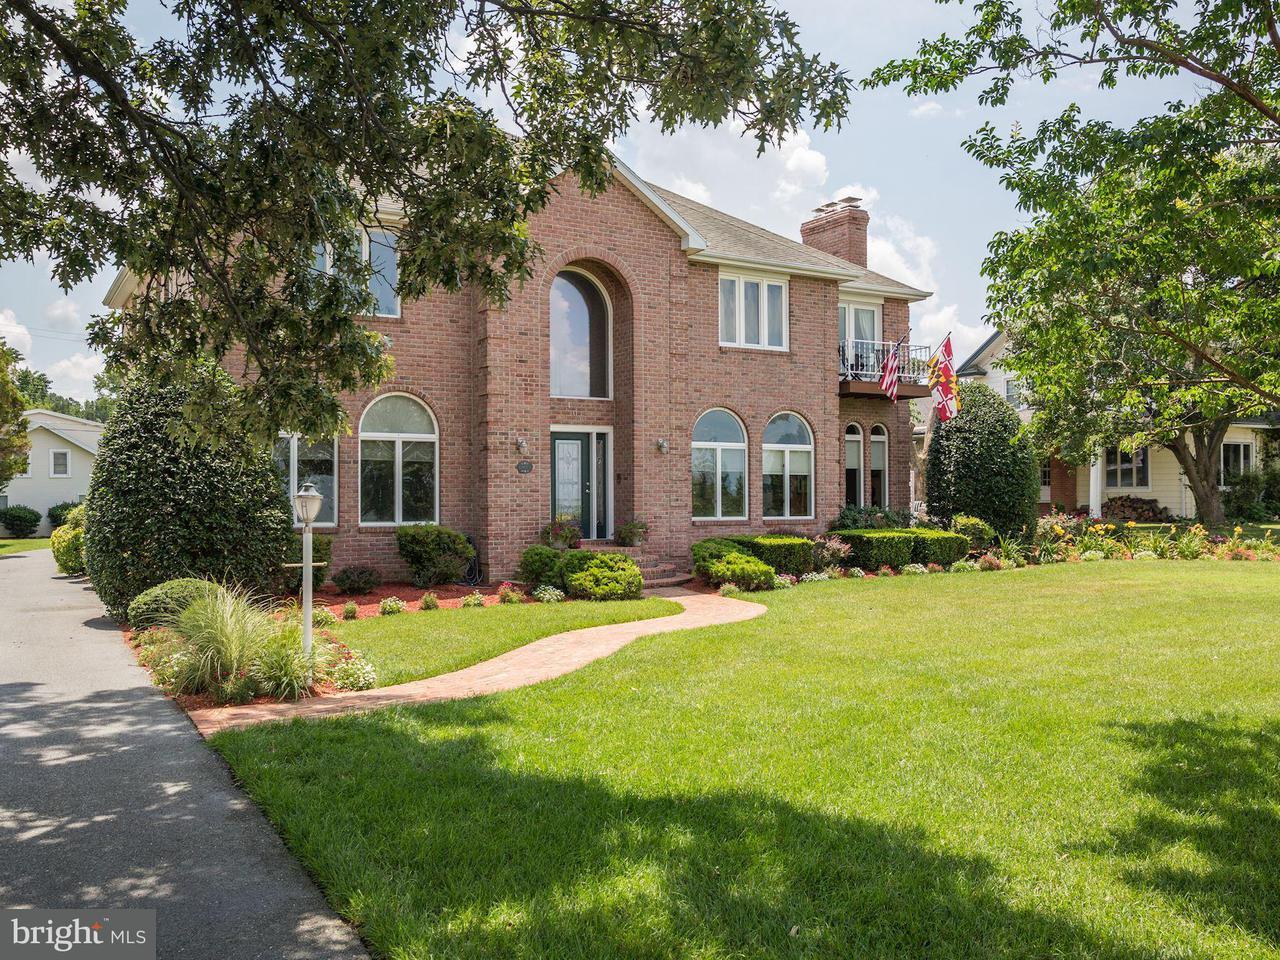 단독 가정 주택 용 매매 에 108 Riverside Drive 108 Riverside Drive Cambridge, 메릴랜드 21613 미국